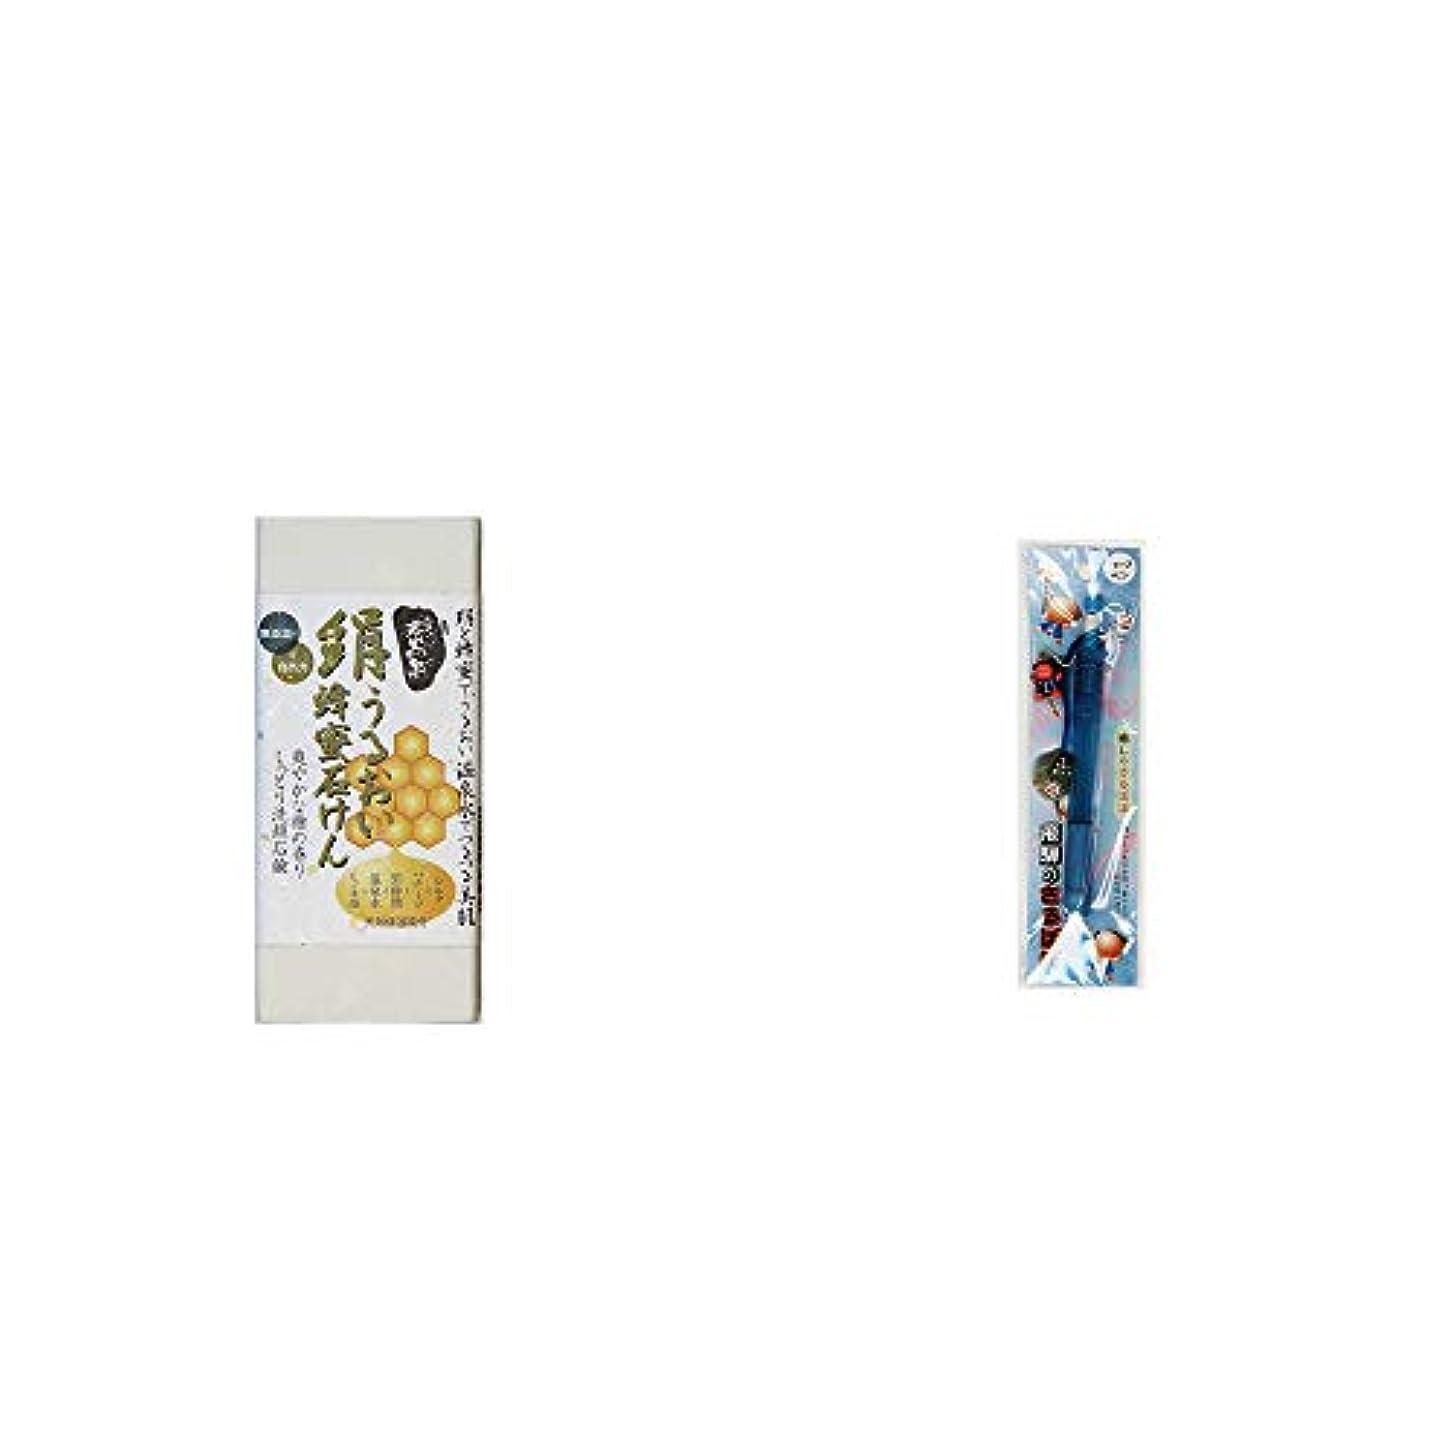 柔らかさ日曜日下位[2点セット] ひのき炭黒泉 絹うるおい蜂蜜石けん(75g×2)?さるぼぼ 癒しシャープペン 【ブルー】